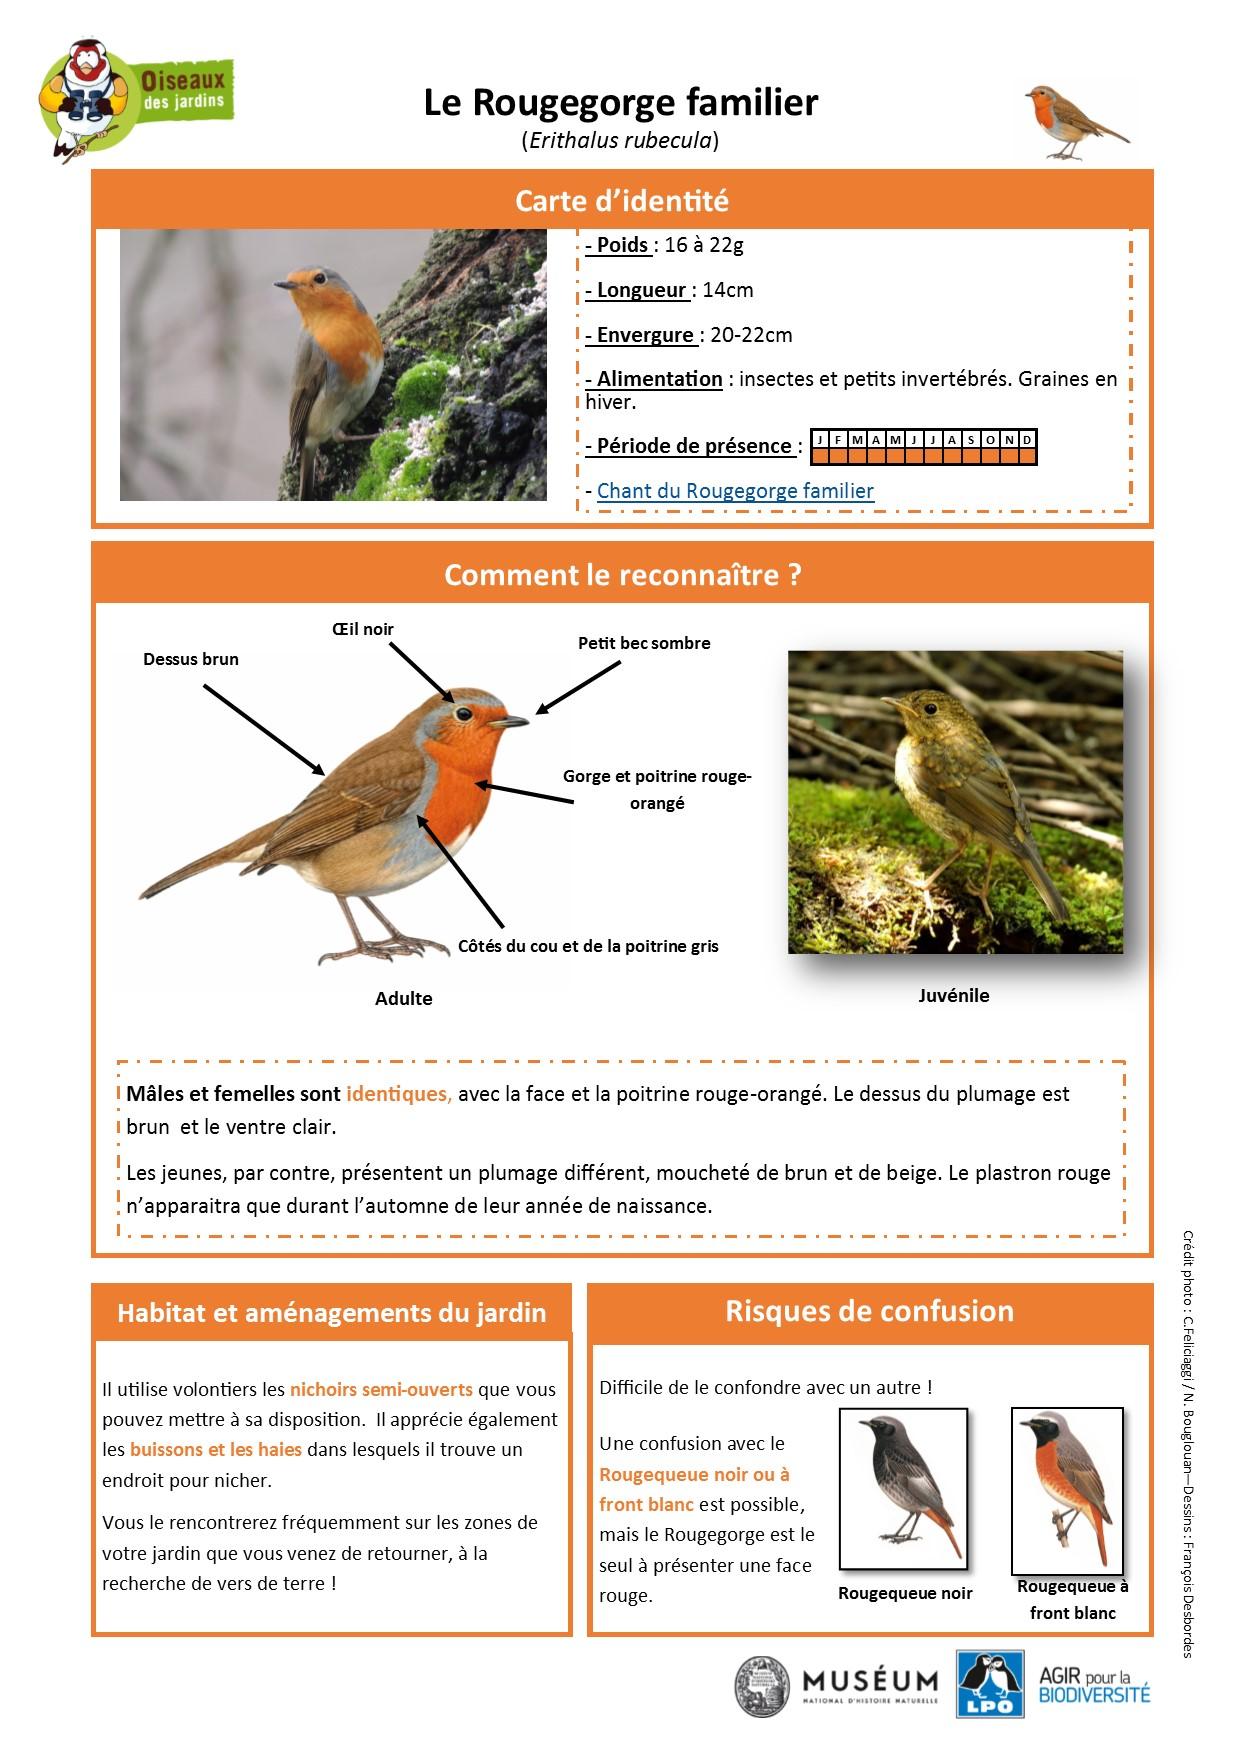 https://cdnfiles2.biolovision.net/www.oiseauxdesjardins.fr/userfiles/Fichesespces/FicheespceRGF.pdf